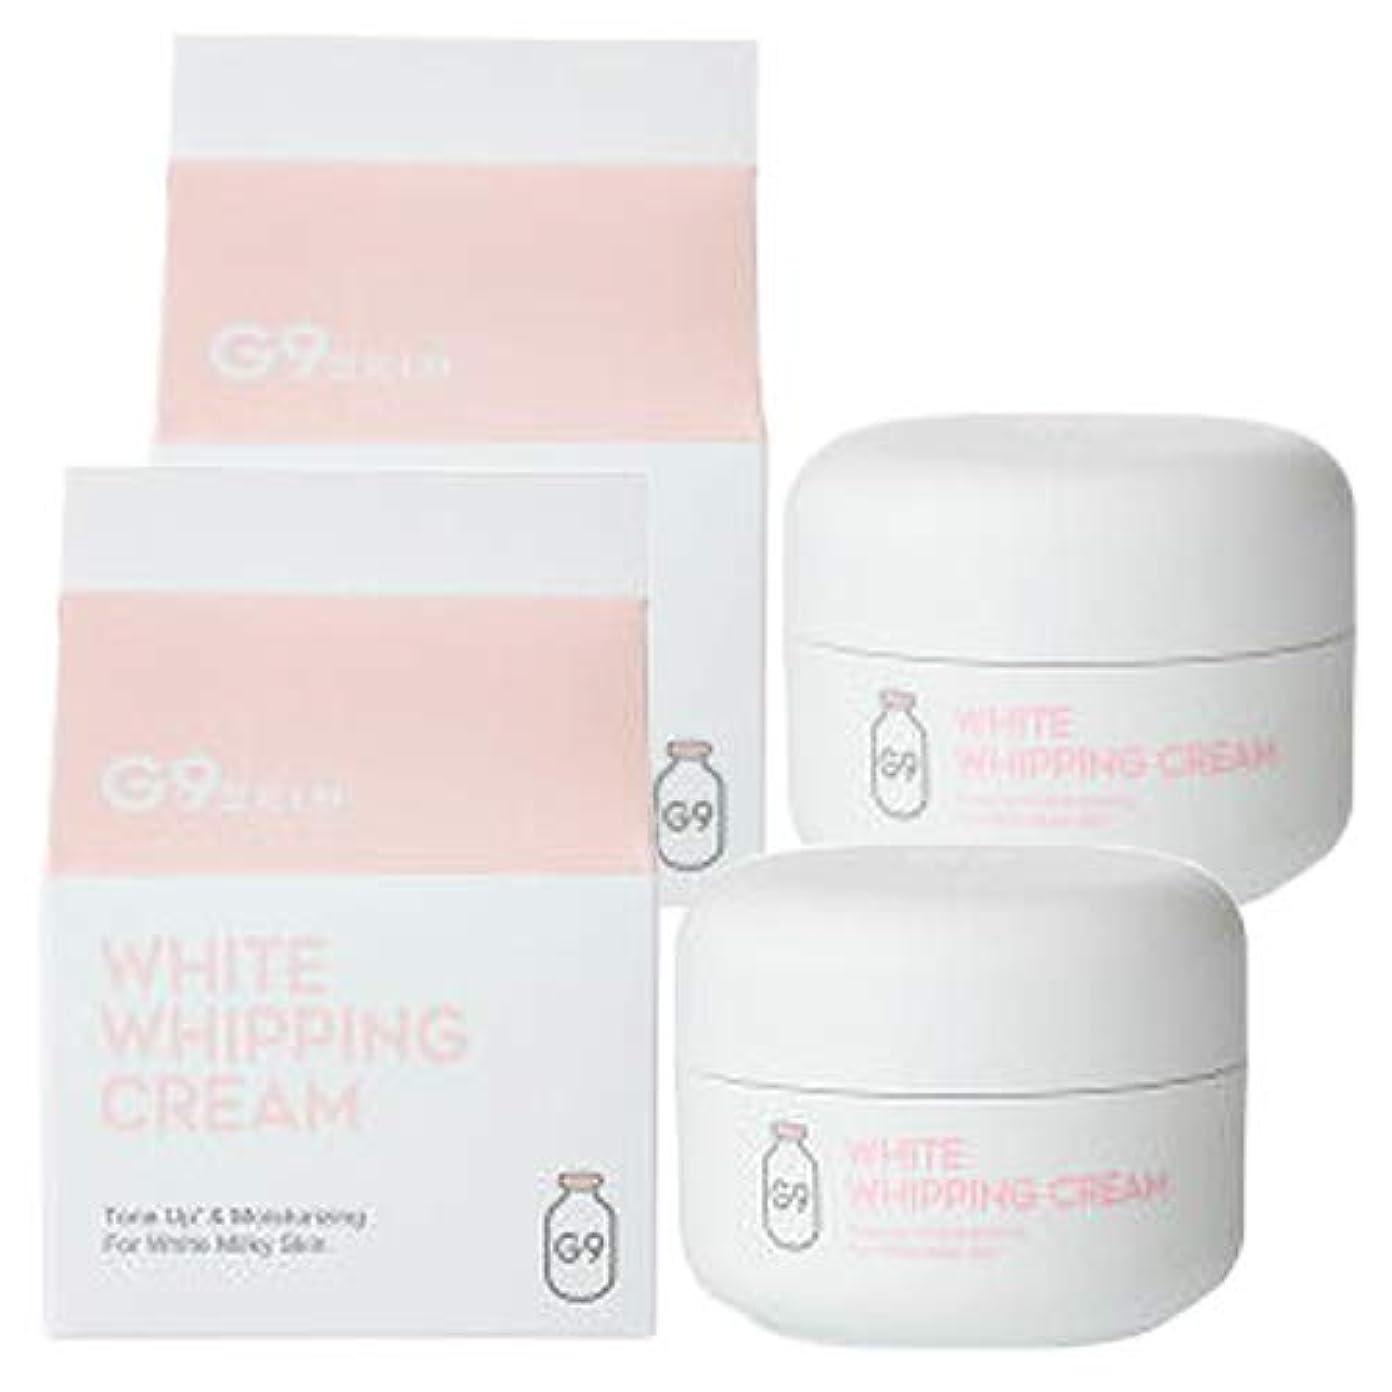 赤道アブストラクトチャットGR G9スキン ホワイト ホイッピング クリーム (50g) フェイスクリーム 2個セット